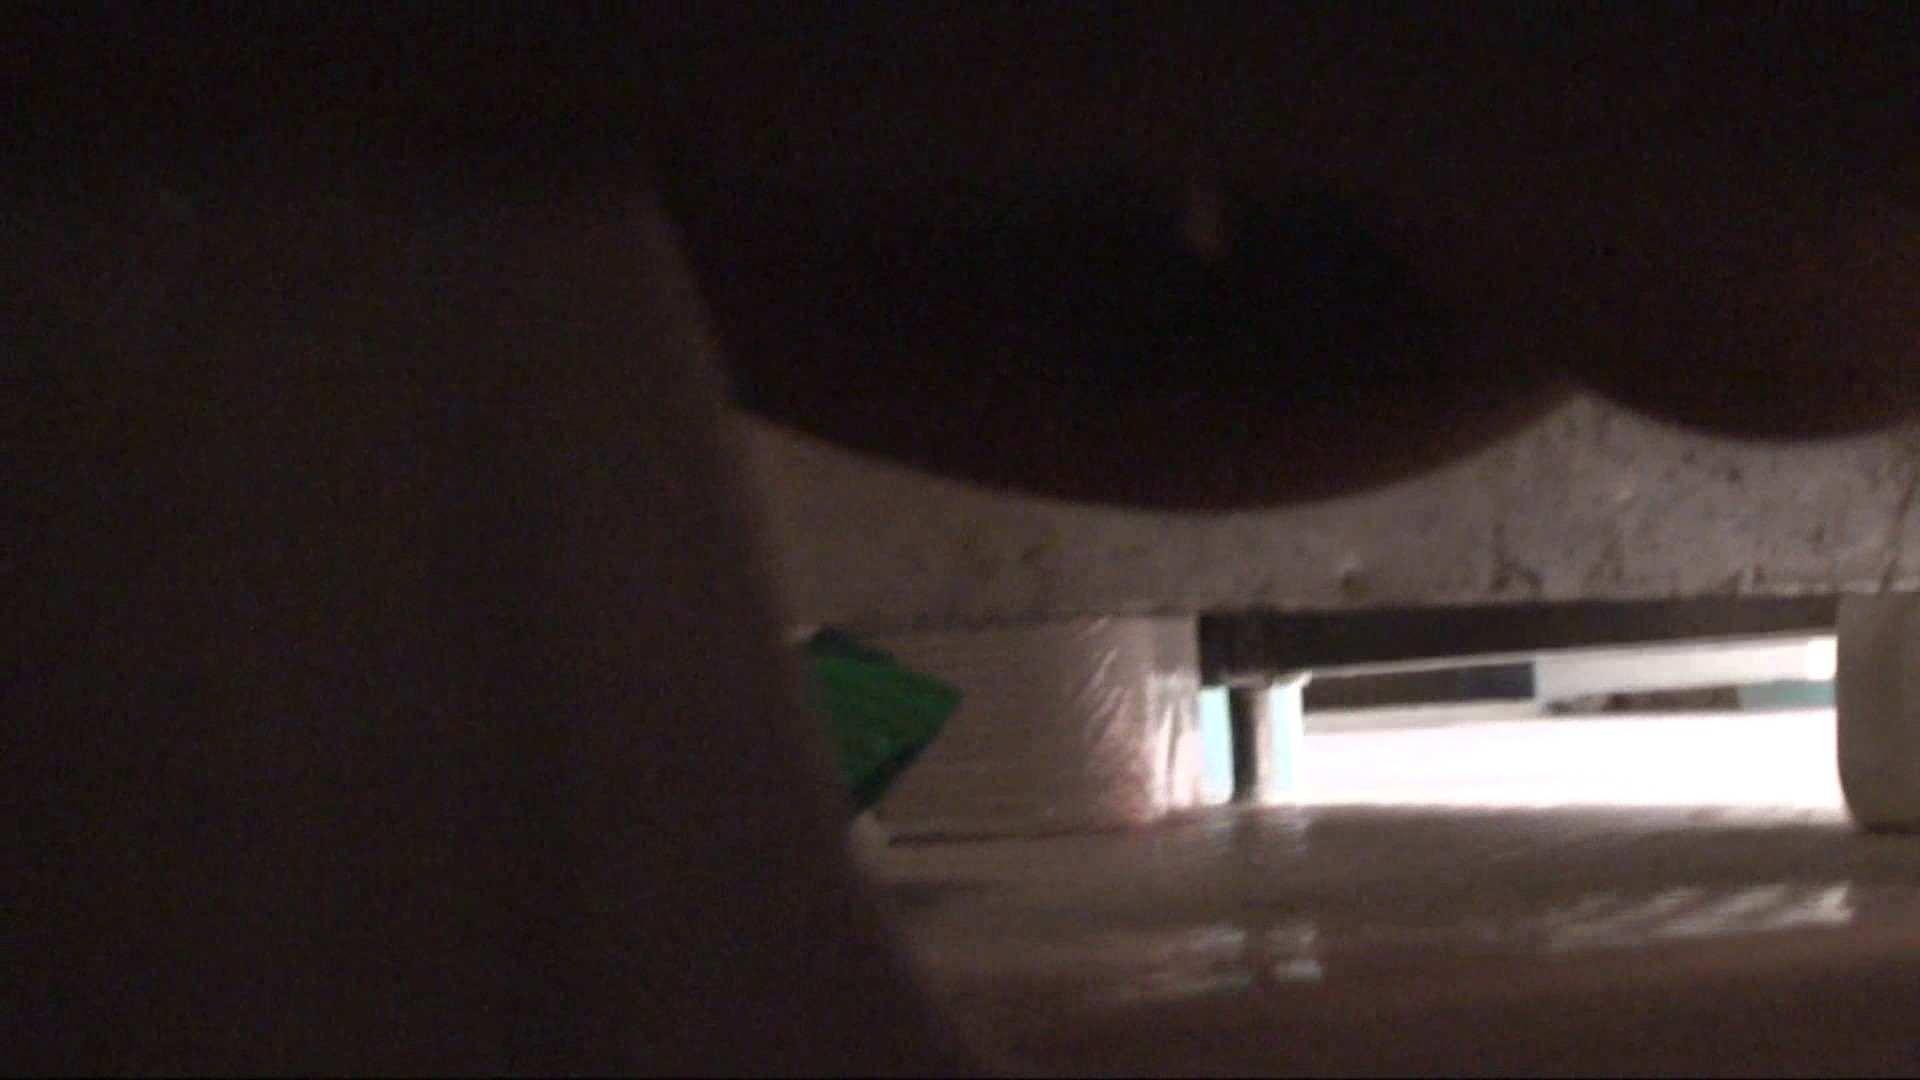 洗面所内潜入!同級生が同級生を盗撮! vol.01 OLのボディ エロ無料画像 92PIX 91